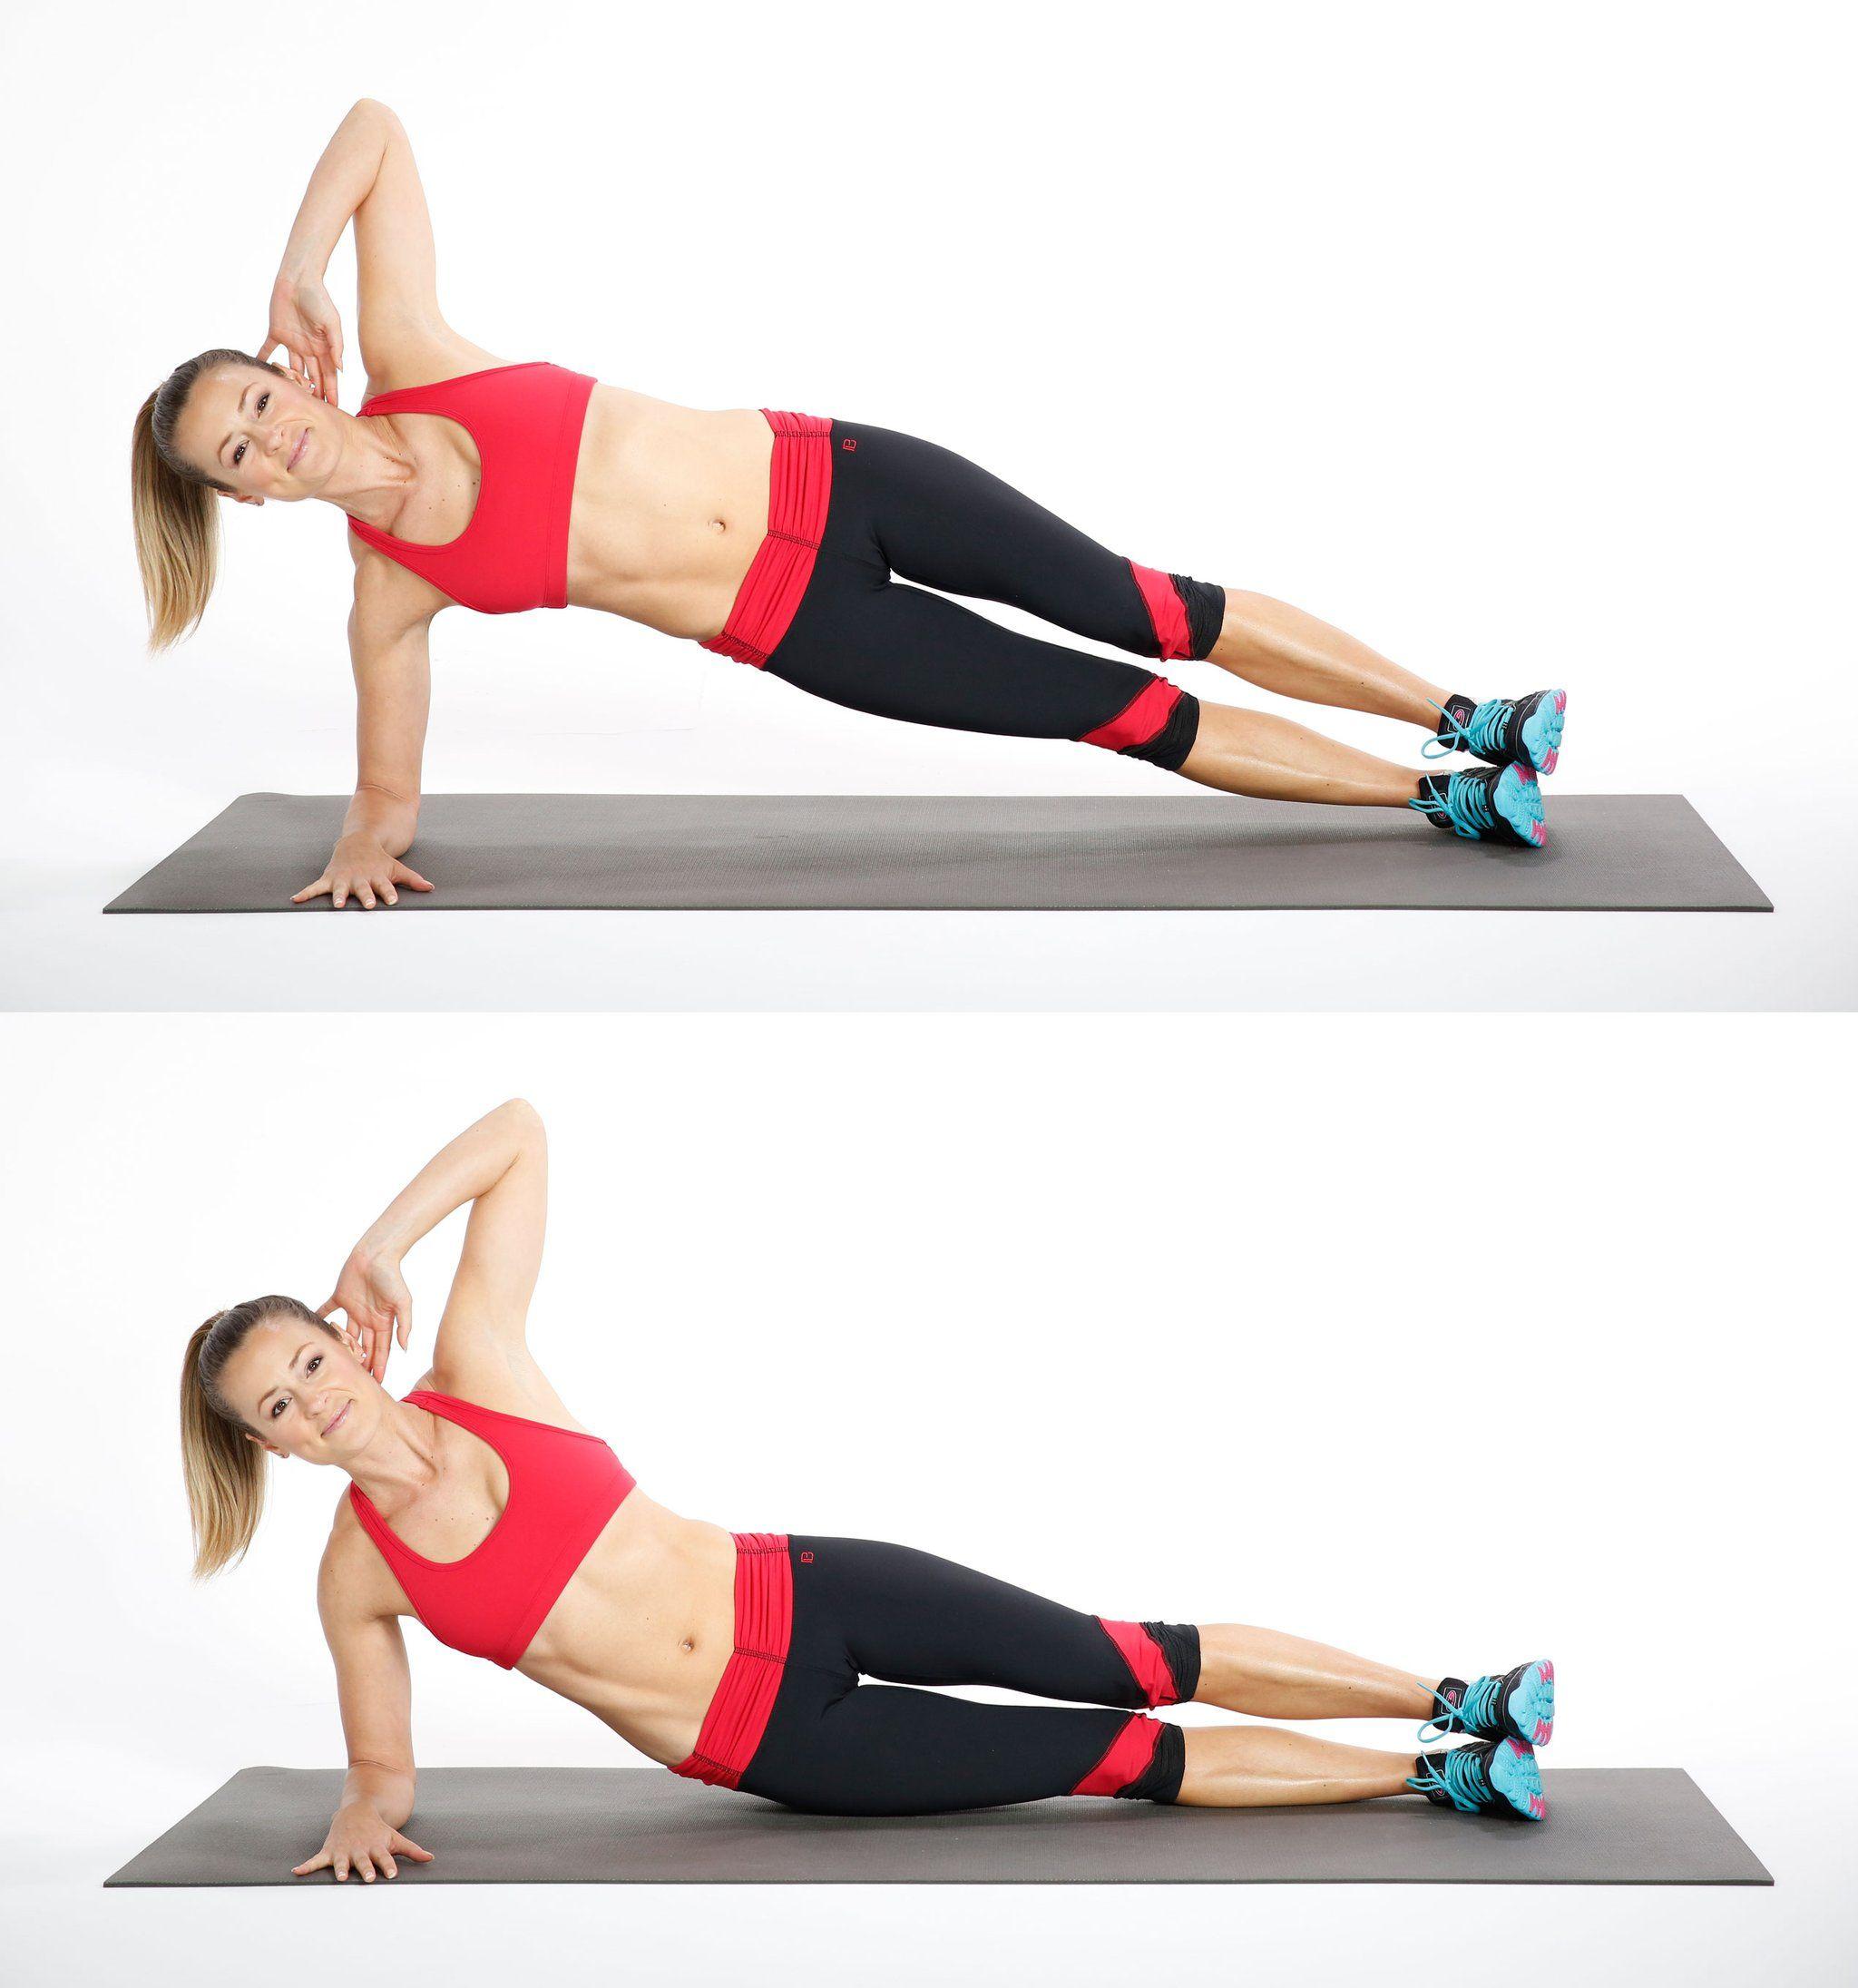 время упражнения для похудения в боках с картинками подключить